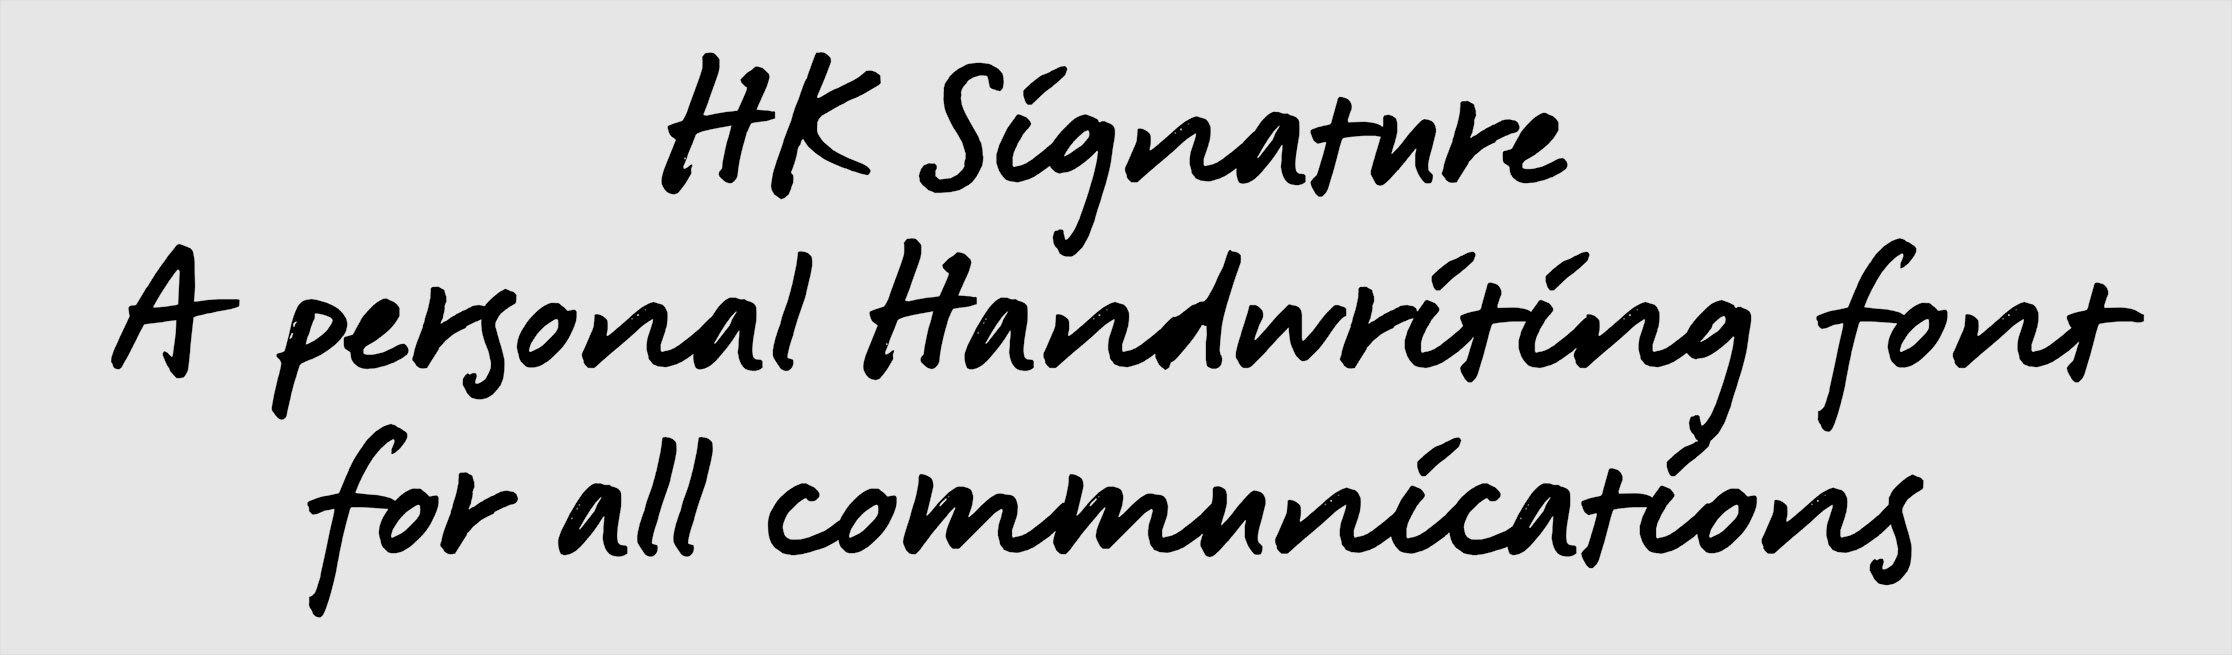 Signature sample